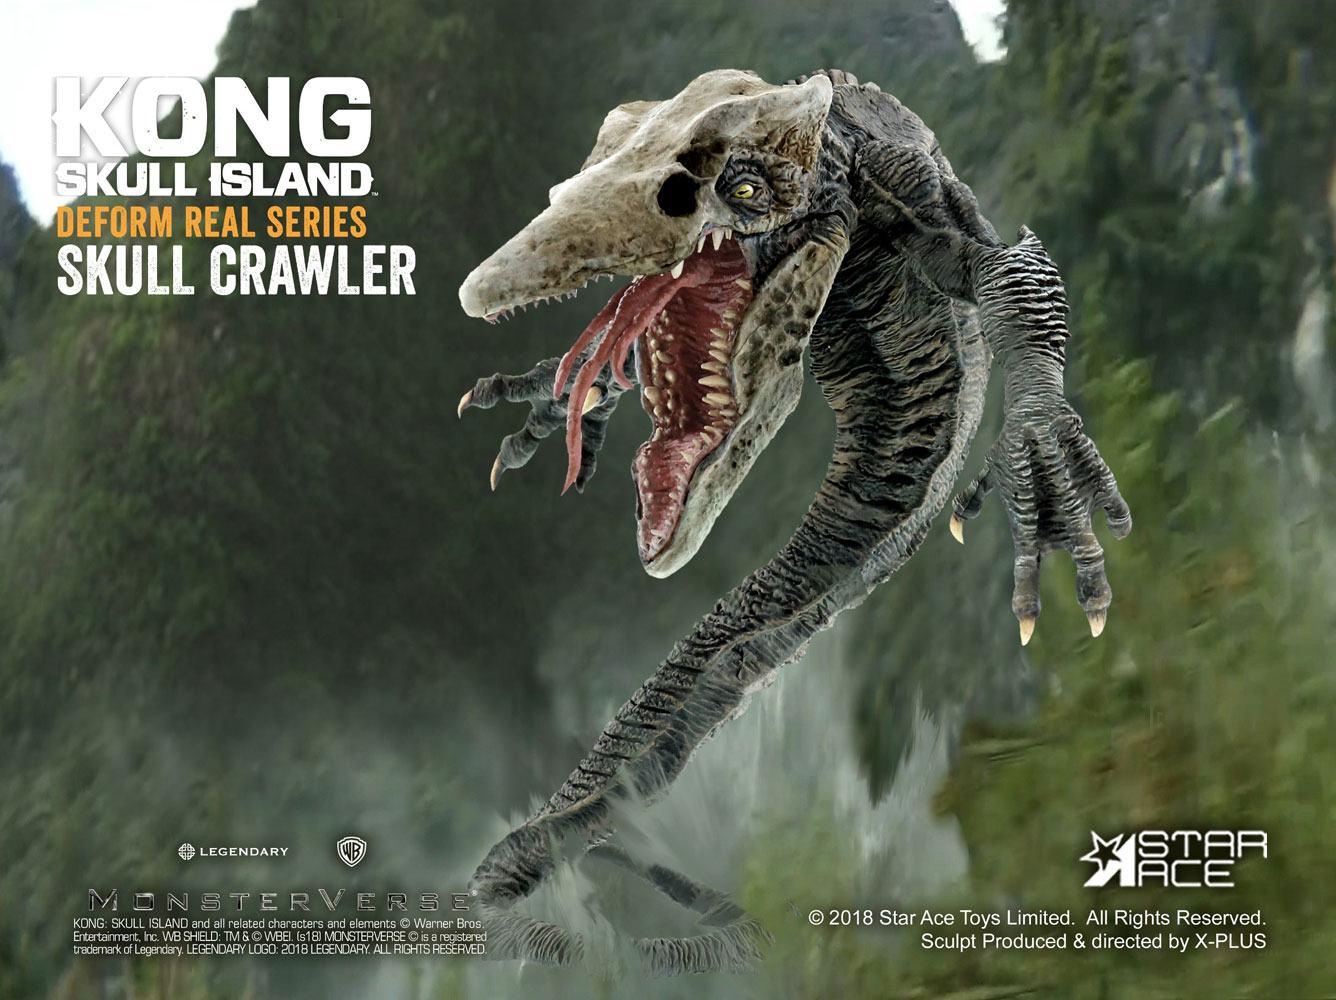 Kong Skull Island Deform Real Series Soft Vinyl Statue Skull Crawler 16 cm